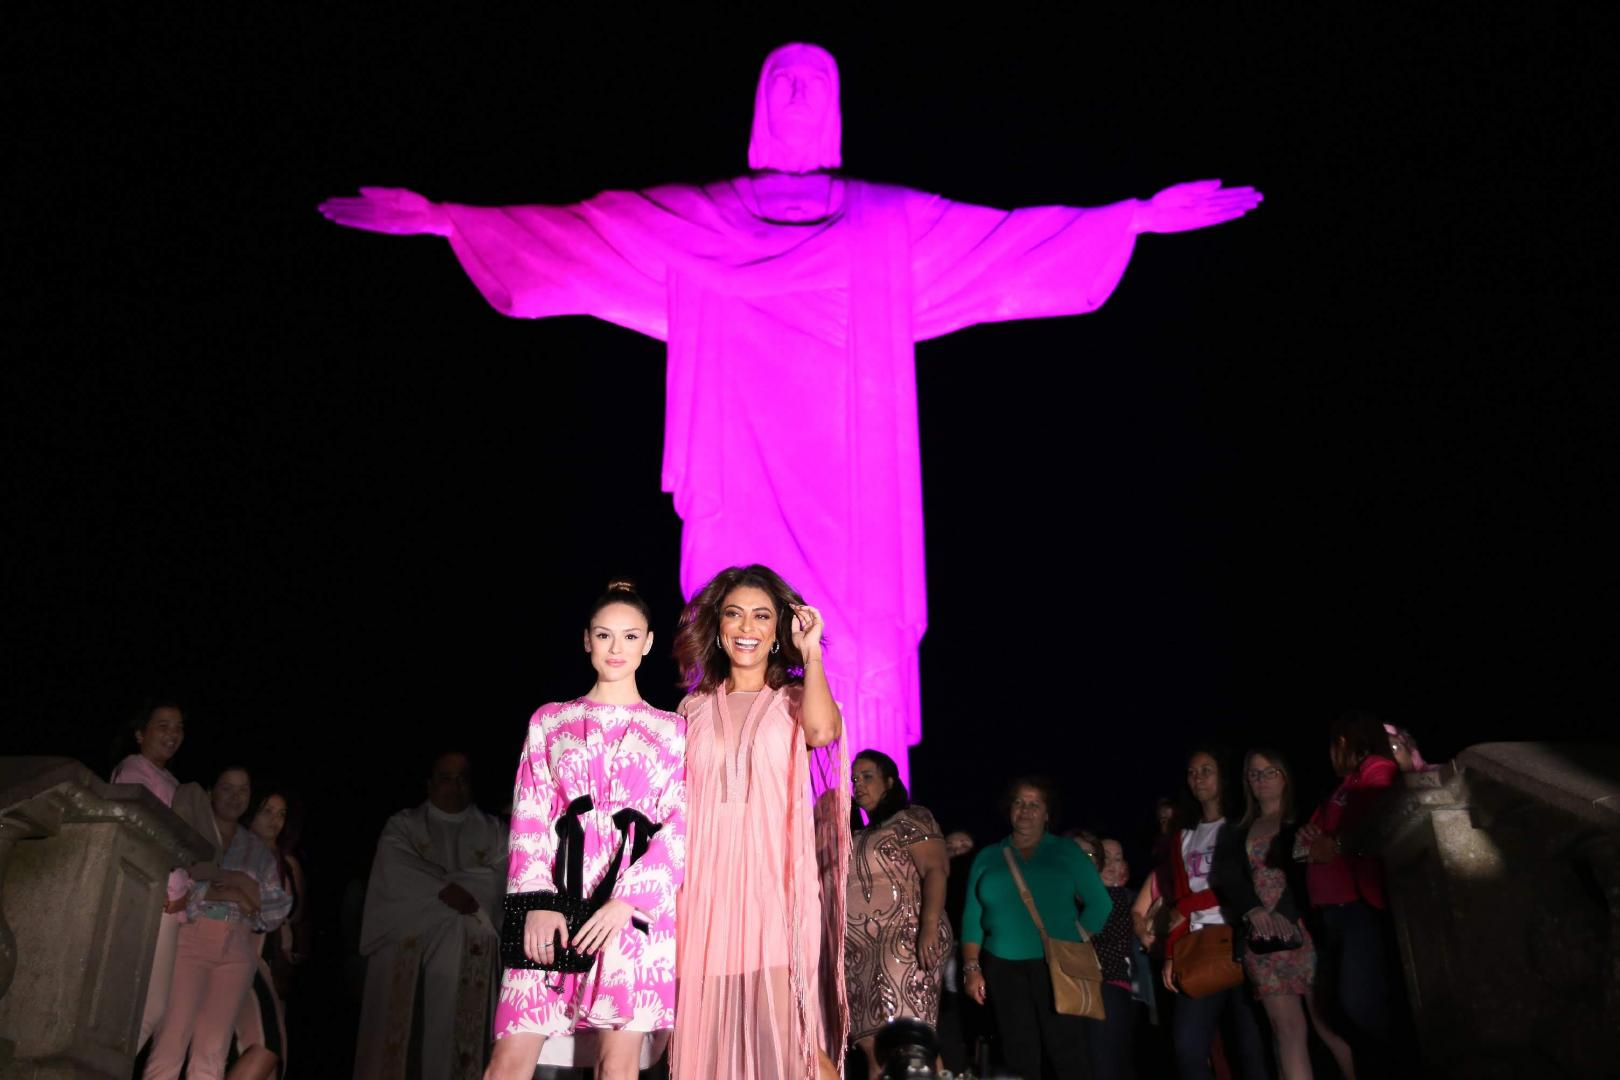 Fundação Laço Rosa arma festão e ilumina o Corcovado para chamar atenção ao combate do câncer de mama